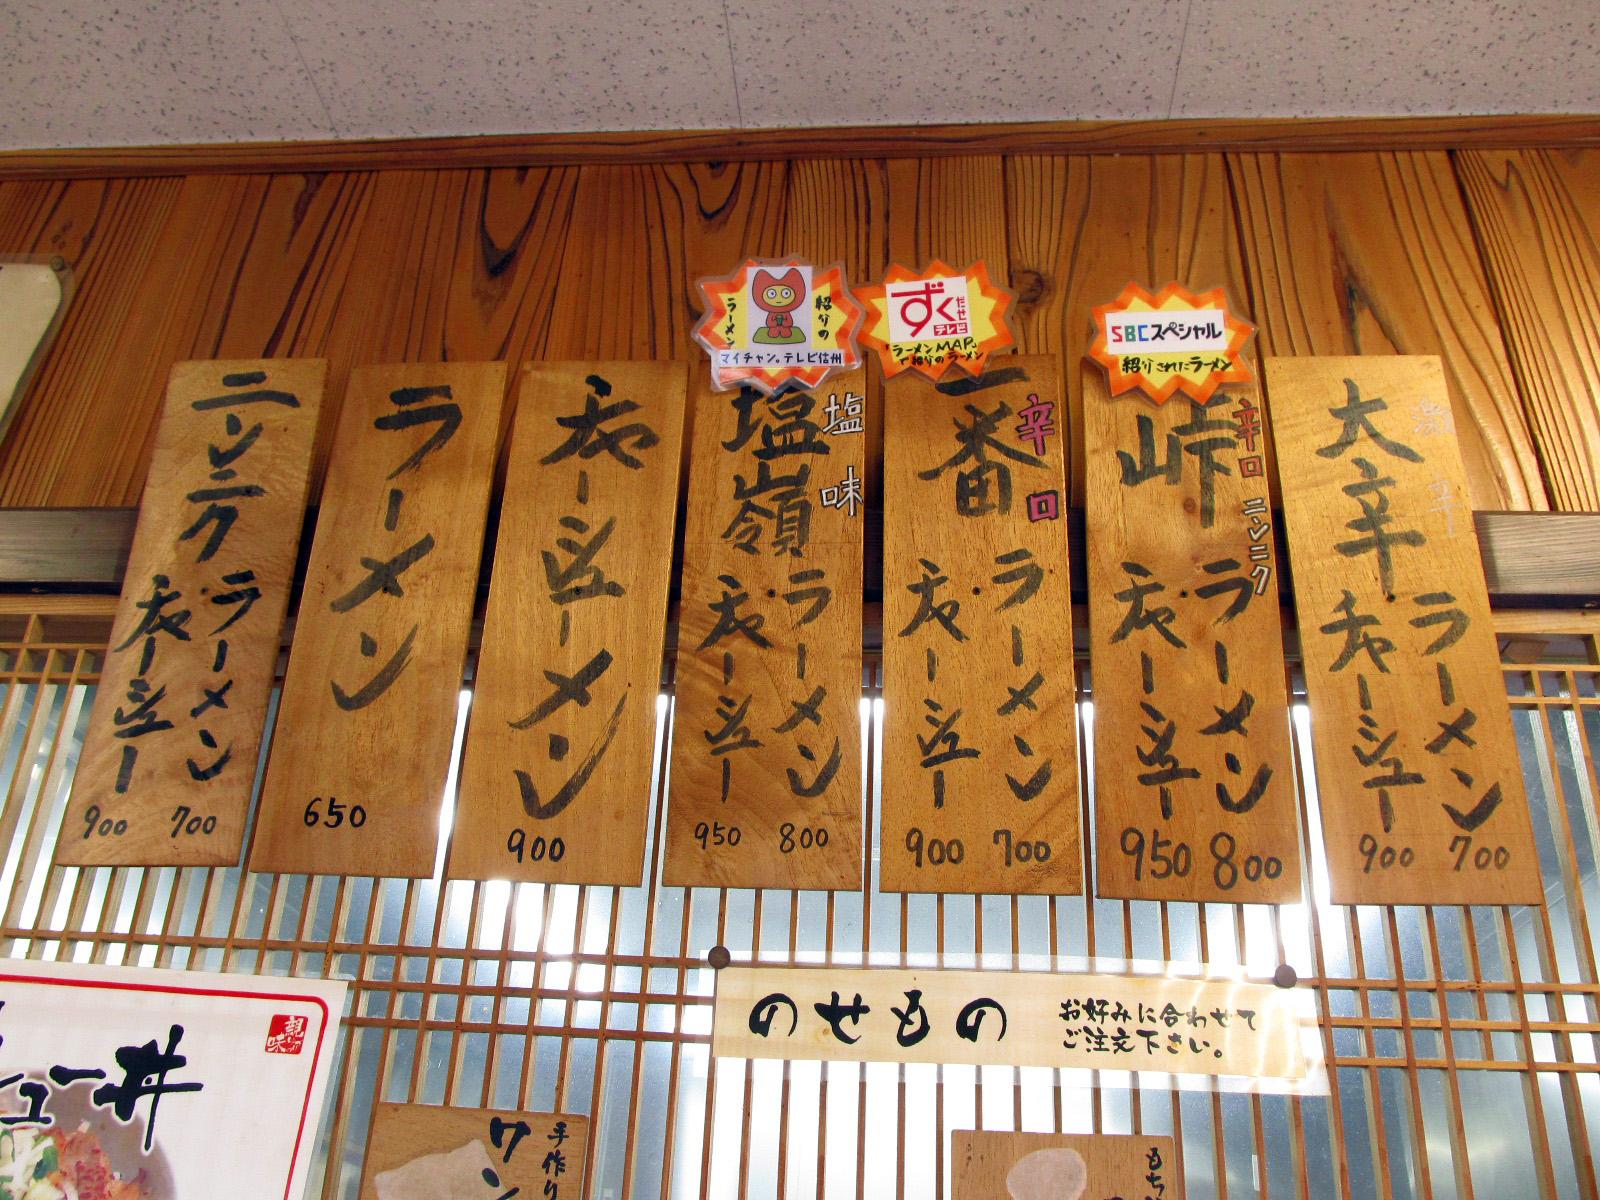 登美ちゃんが、ゆく!: 岡谷市 親ゆづりの味 一番